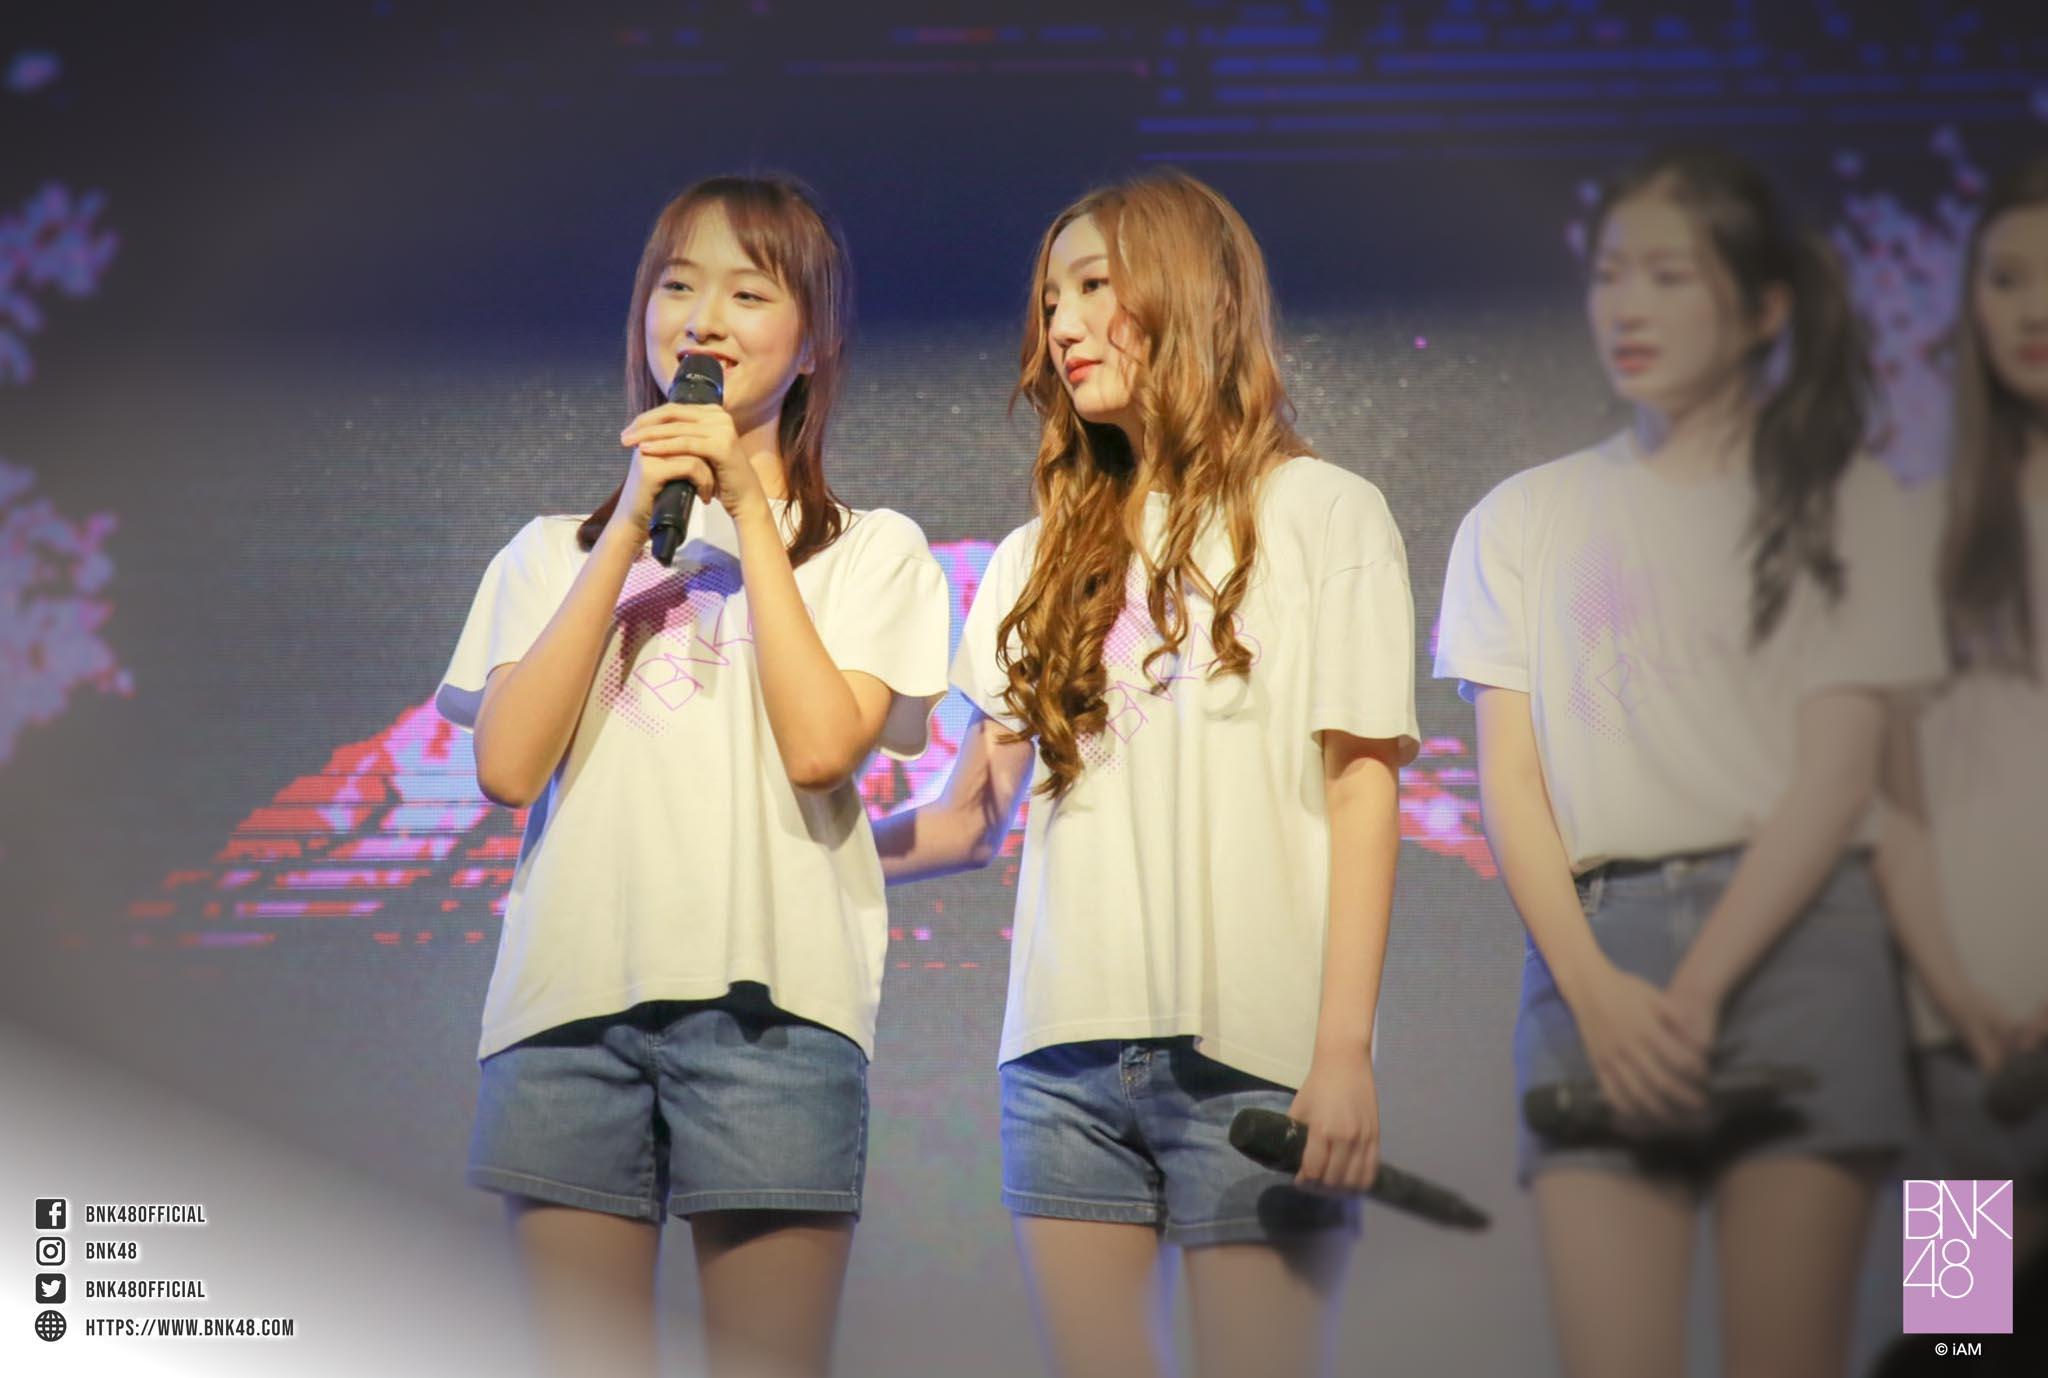 """""""แนทเธอรีน-อุ้ม"""" ประกาศออก BNK48 รับเจ็บปวดสุด แต่ถึงเวลาตื่นจากฝันแล้ว"""